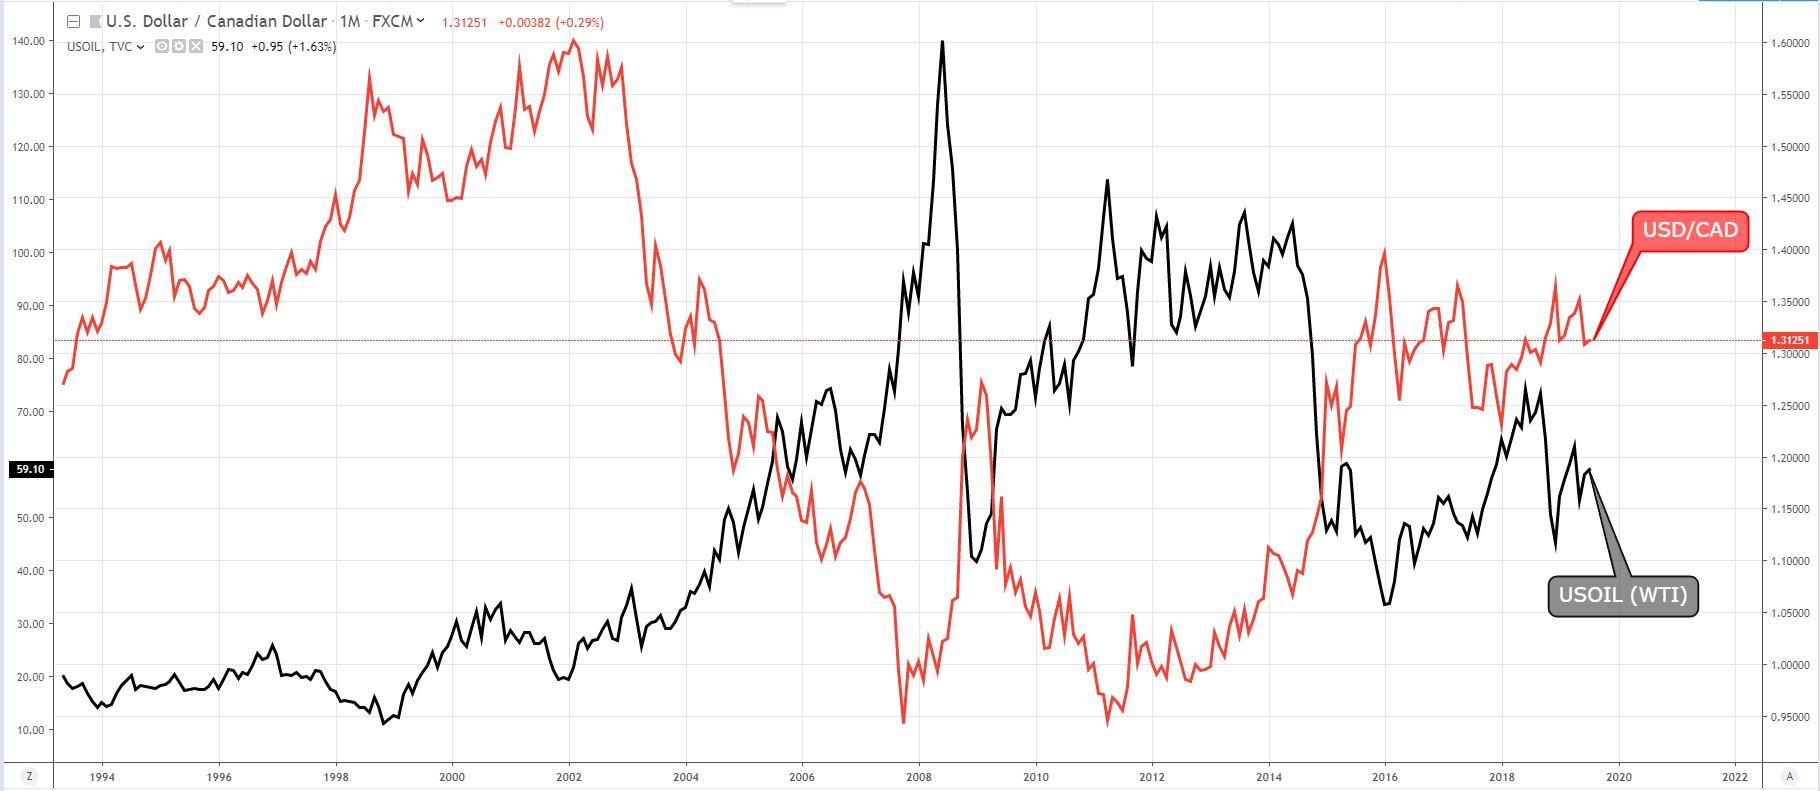 Crude Oil Price Dictates The Usd Cad